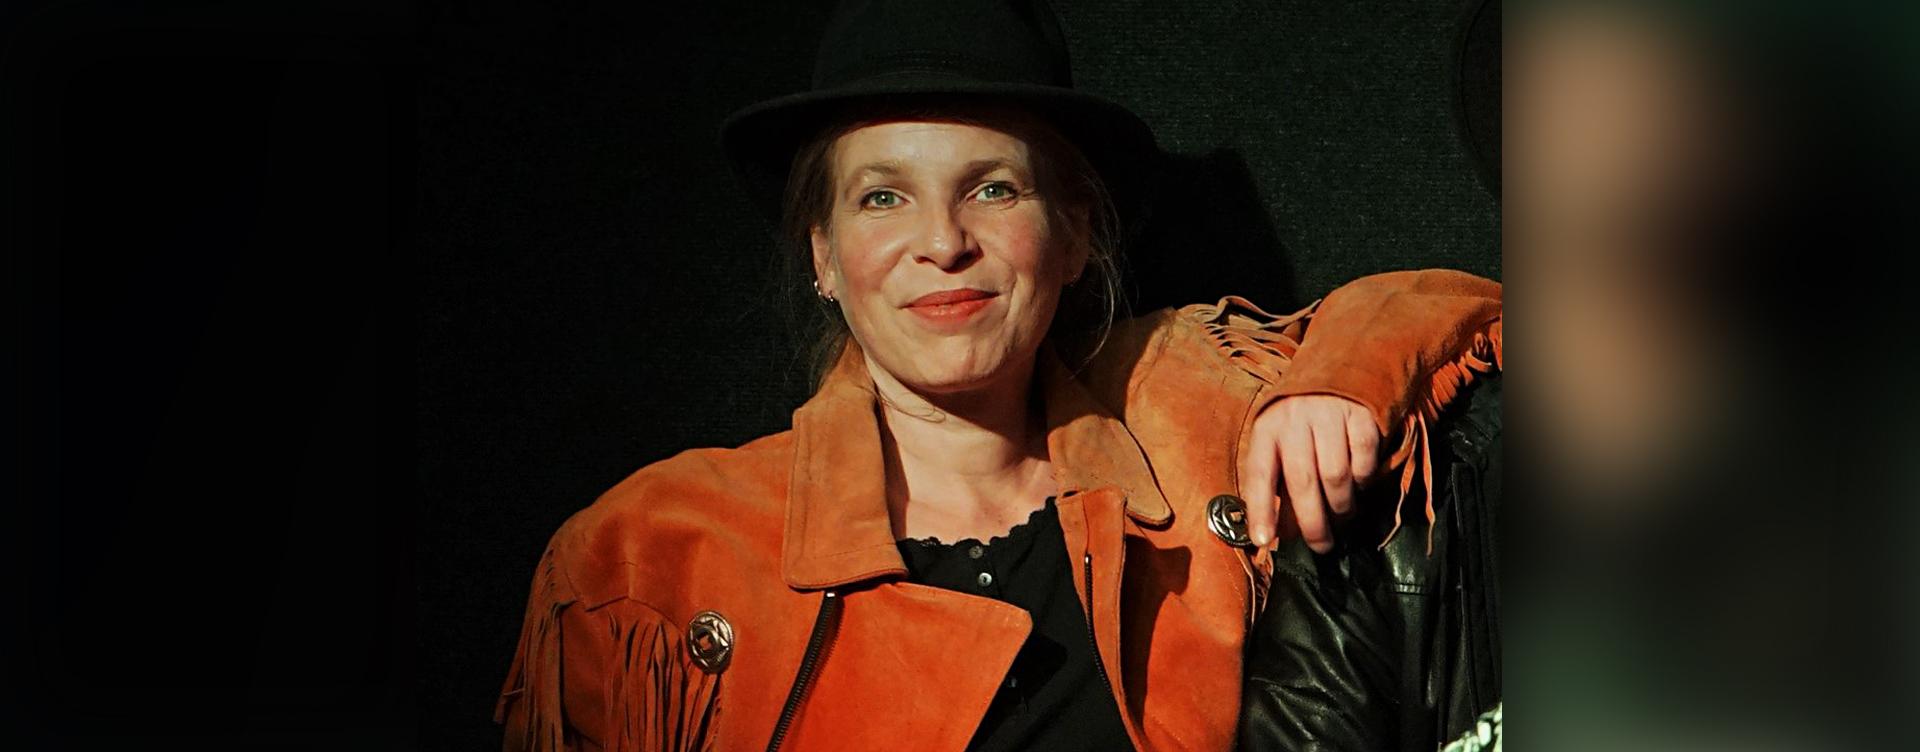 Natalie Kielbassa